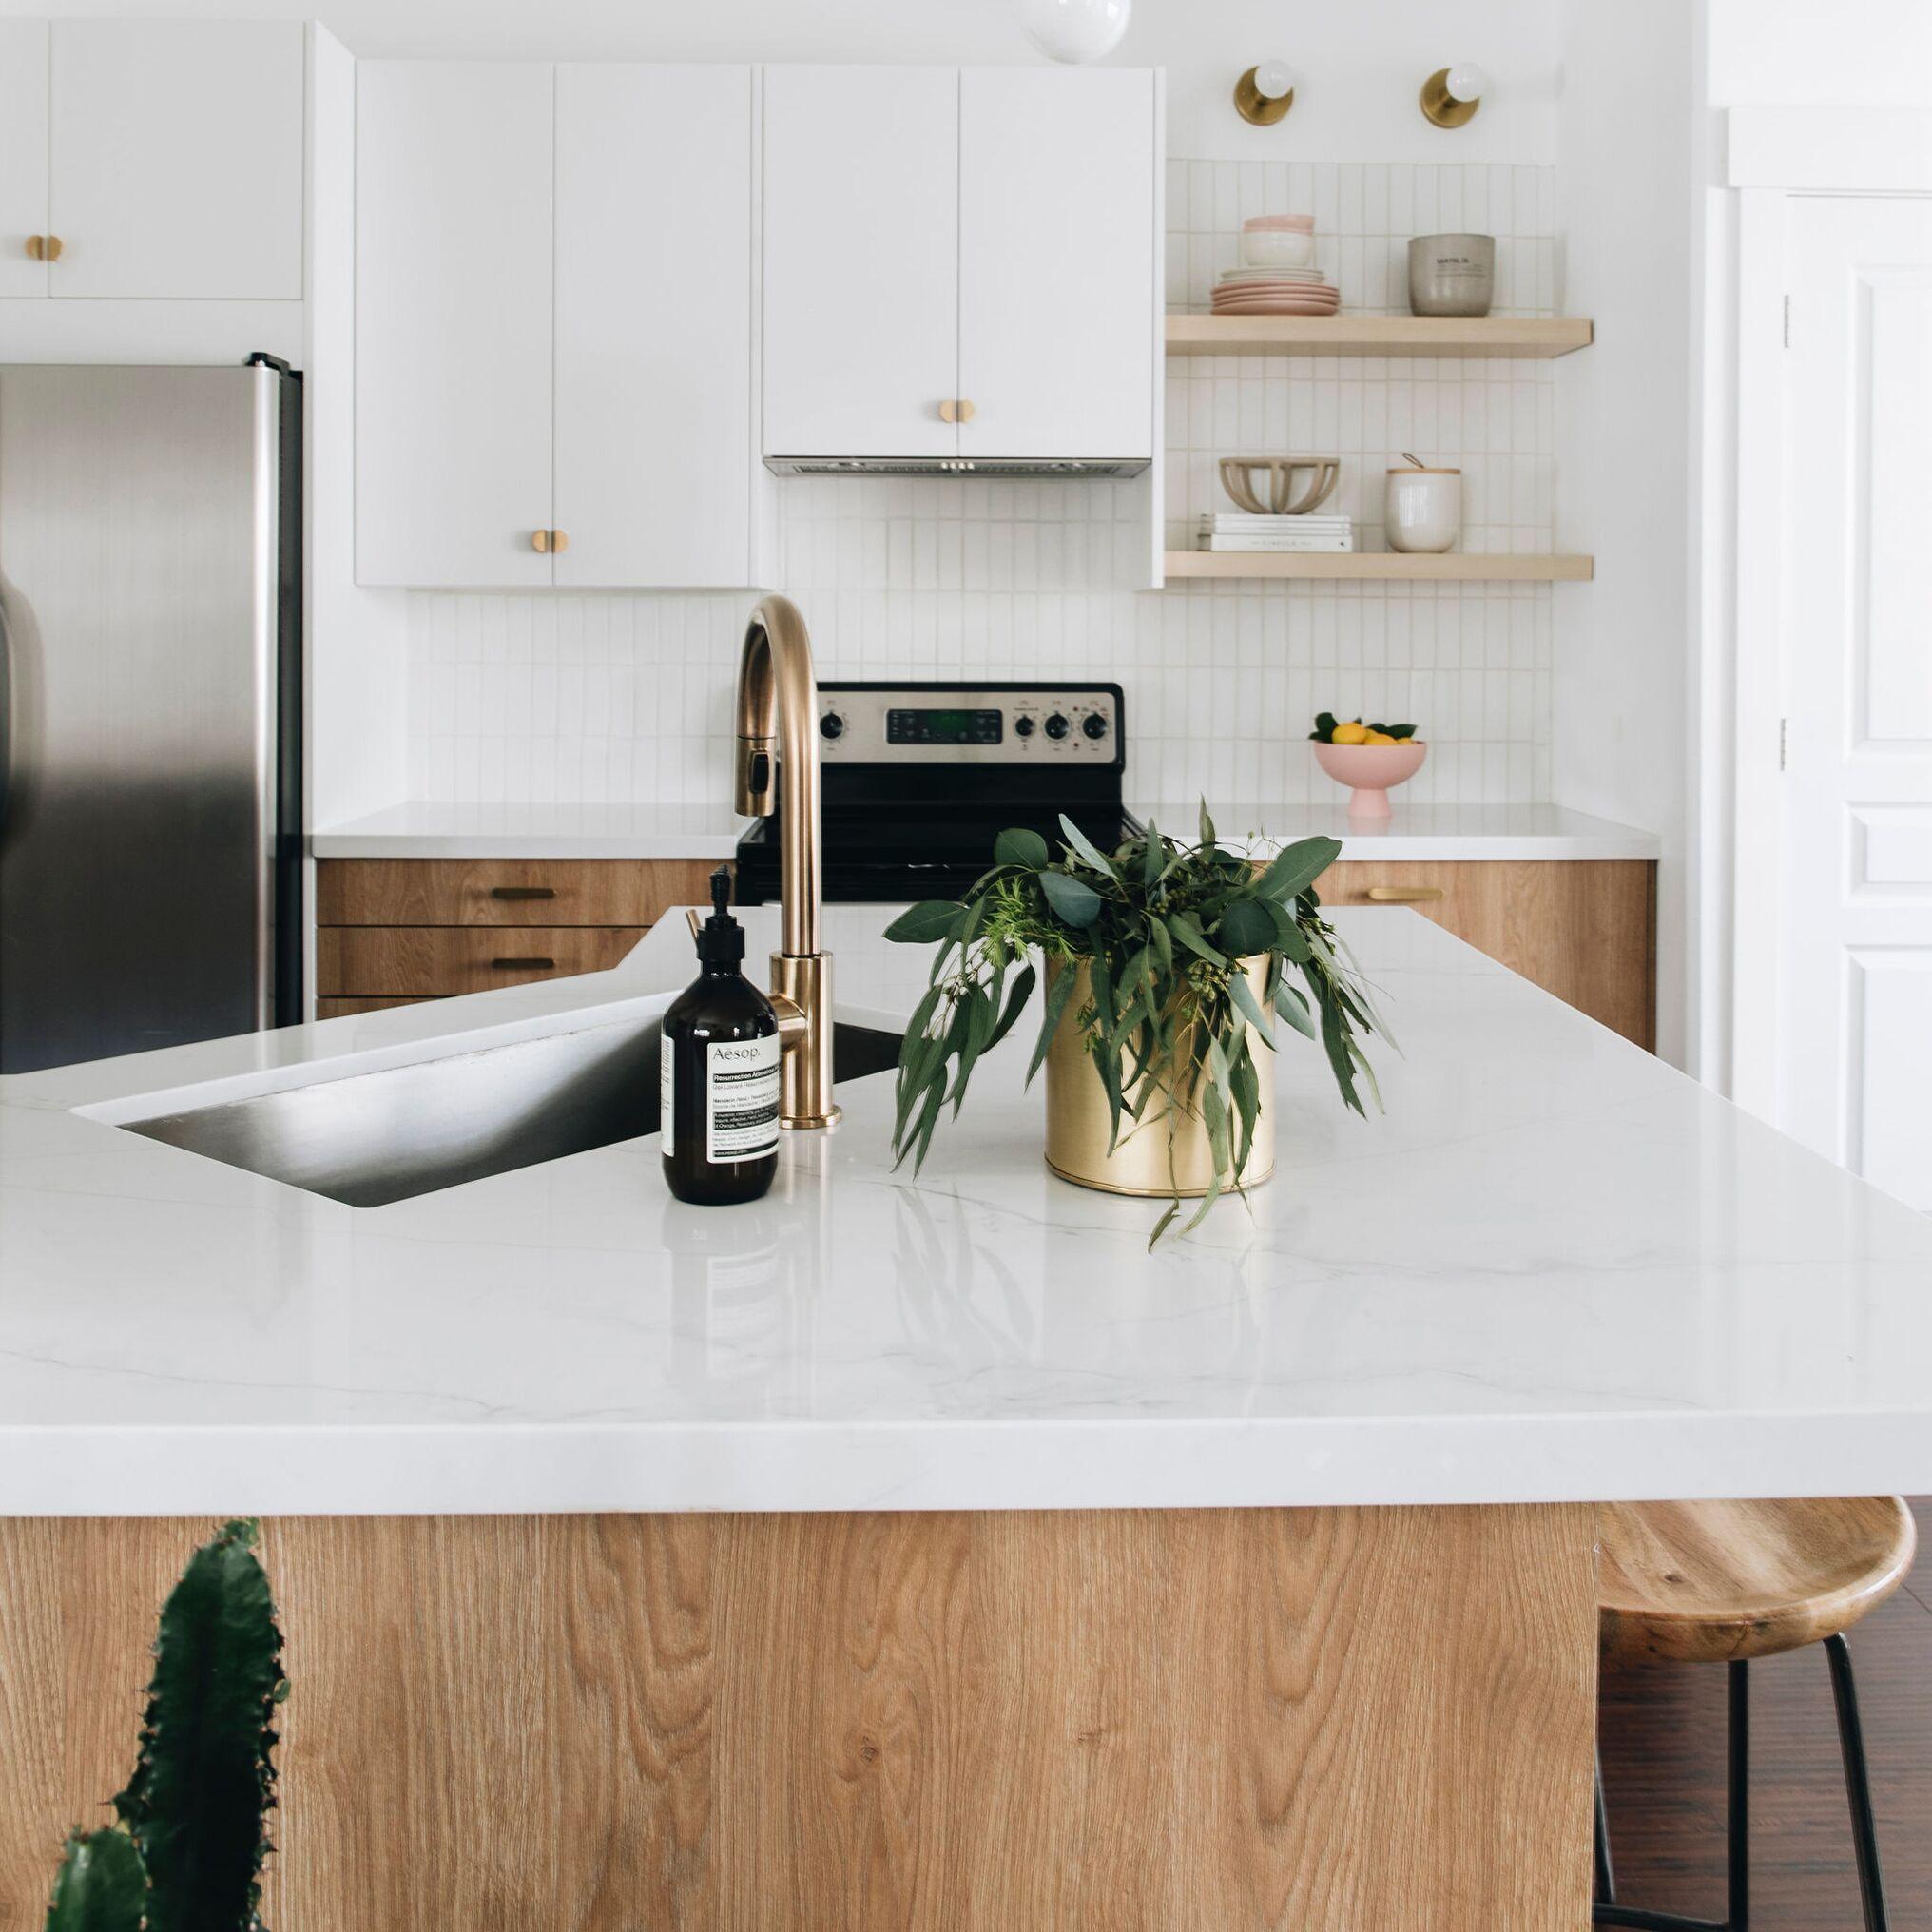 Hardware Apartments Salt Lake City: Gorgeous Kitchen Reno With A Minimalist Aesthetic